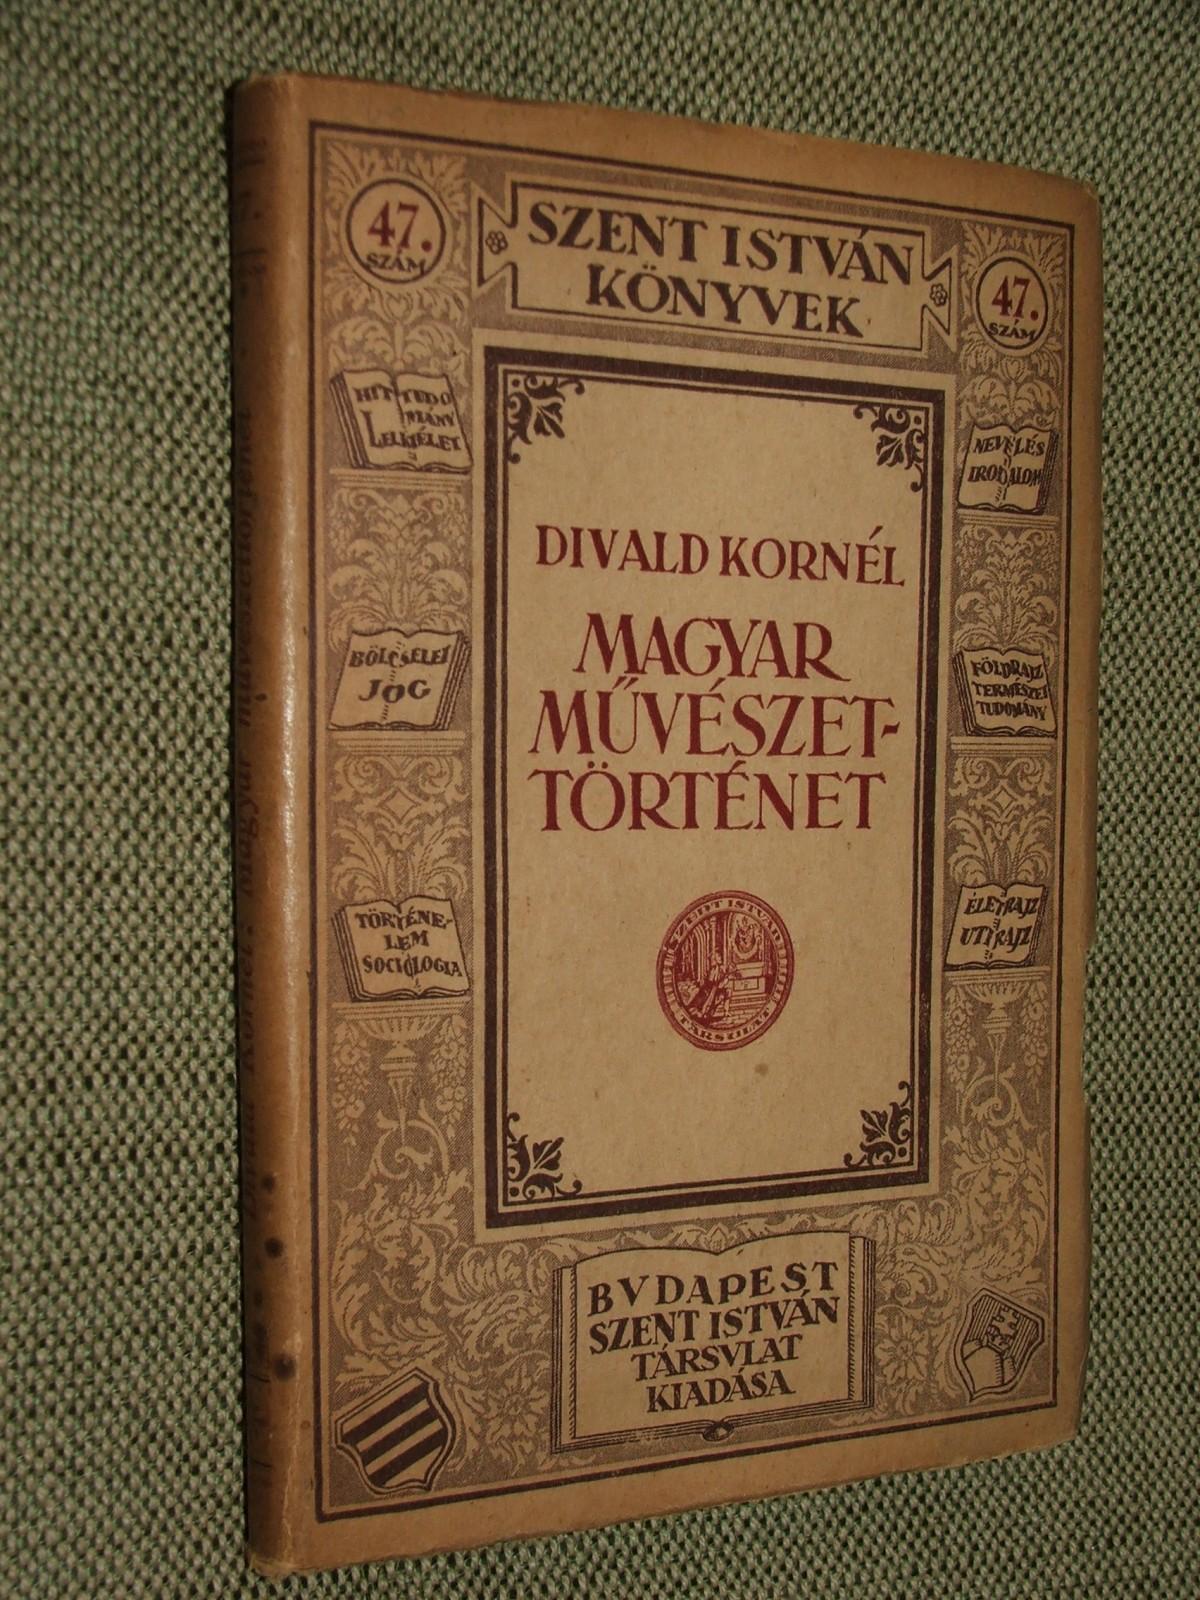 DIVALD Kornél: Magyar művészettörténet